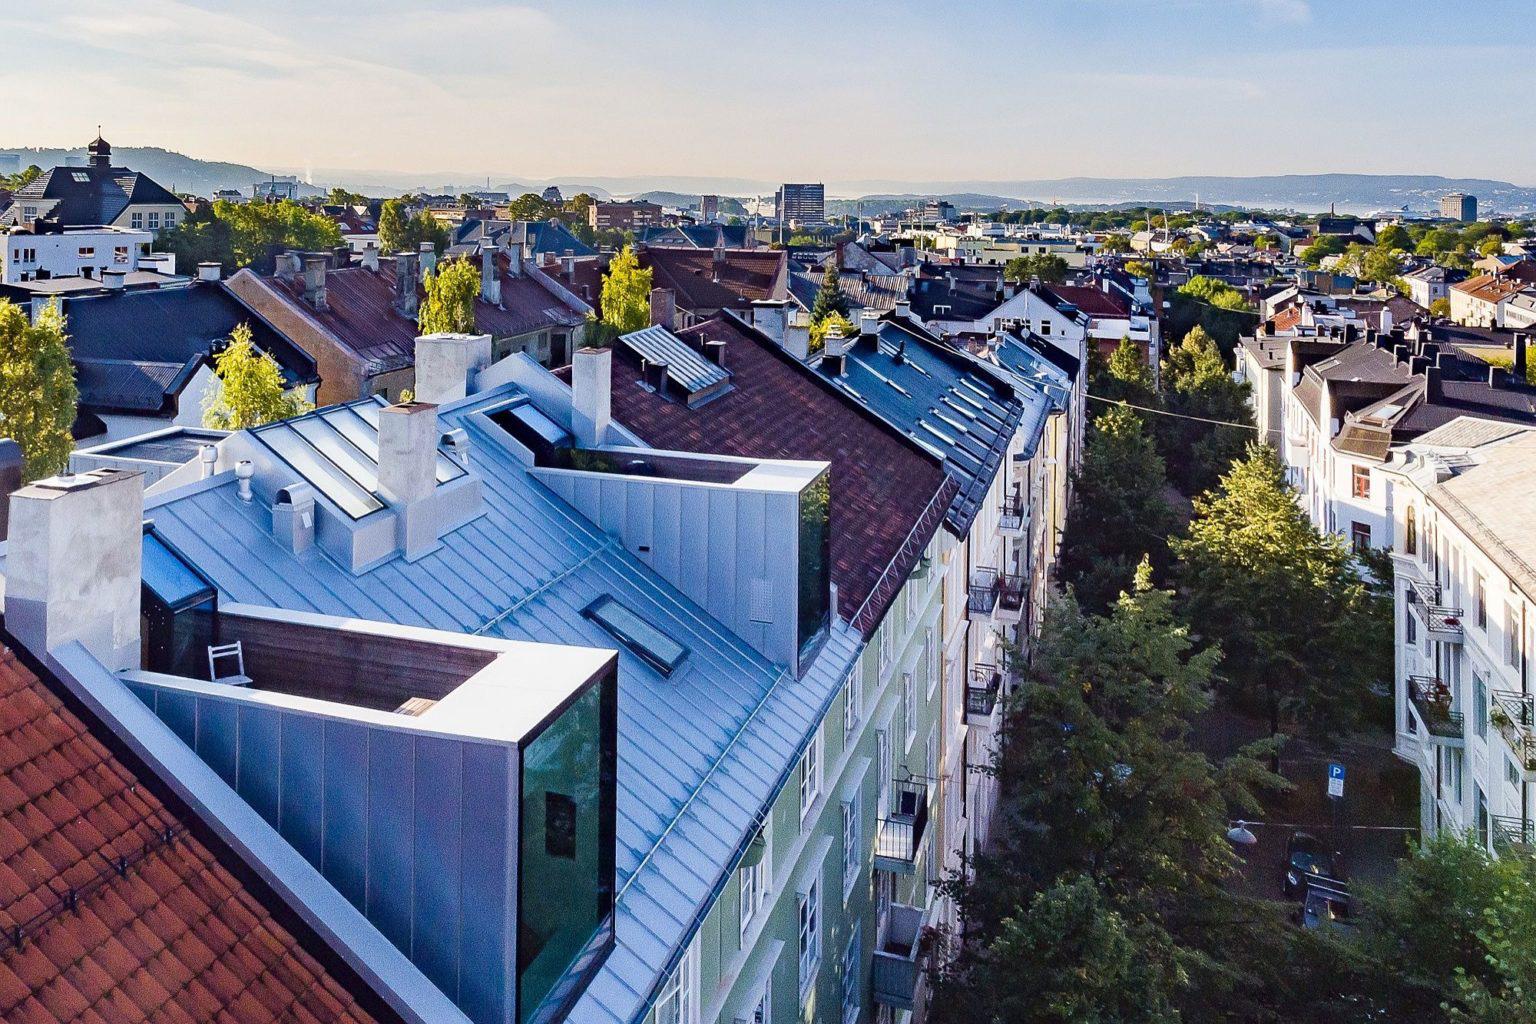 Biến hóa gác xép cũ ở thành phố Oslo thành căn hộ hiện đại, xinh xắn mới thấy bạn đã phải chết mê - Ảnh 3.